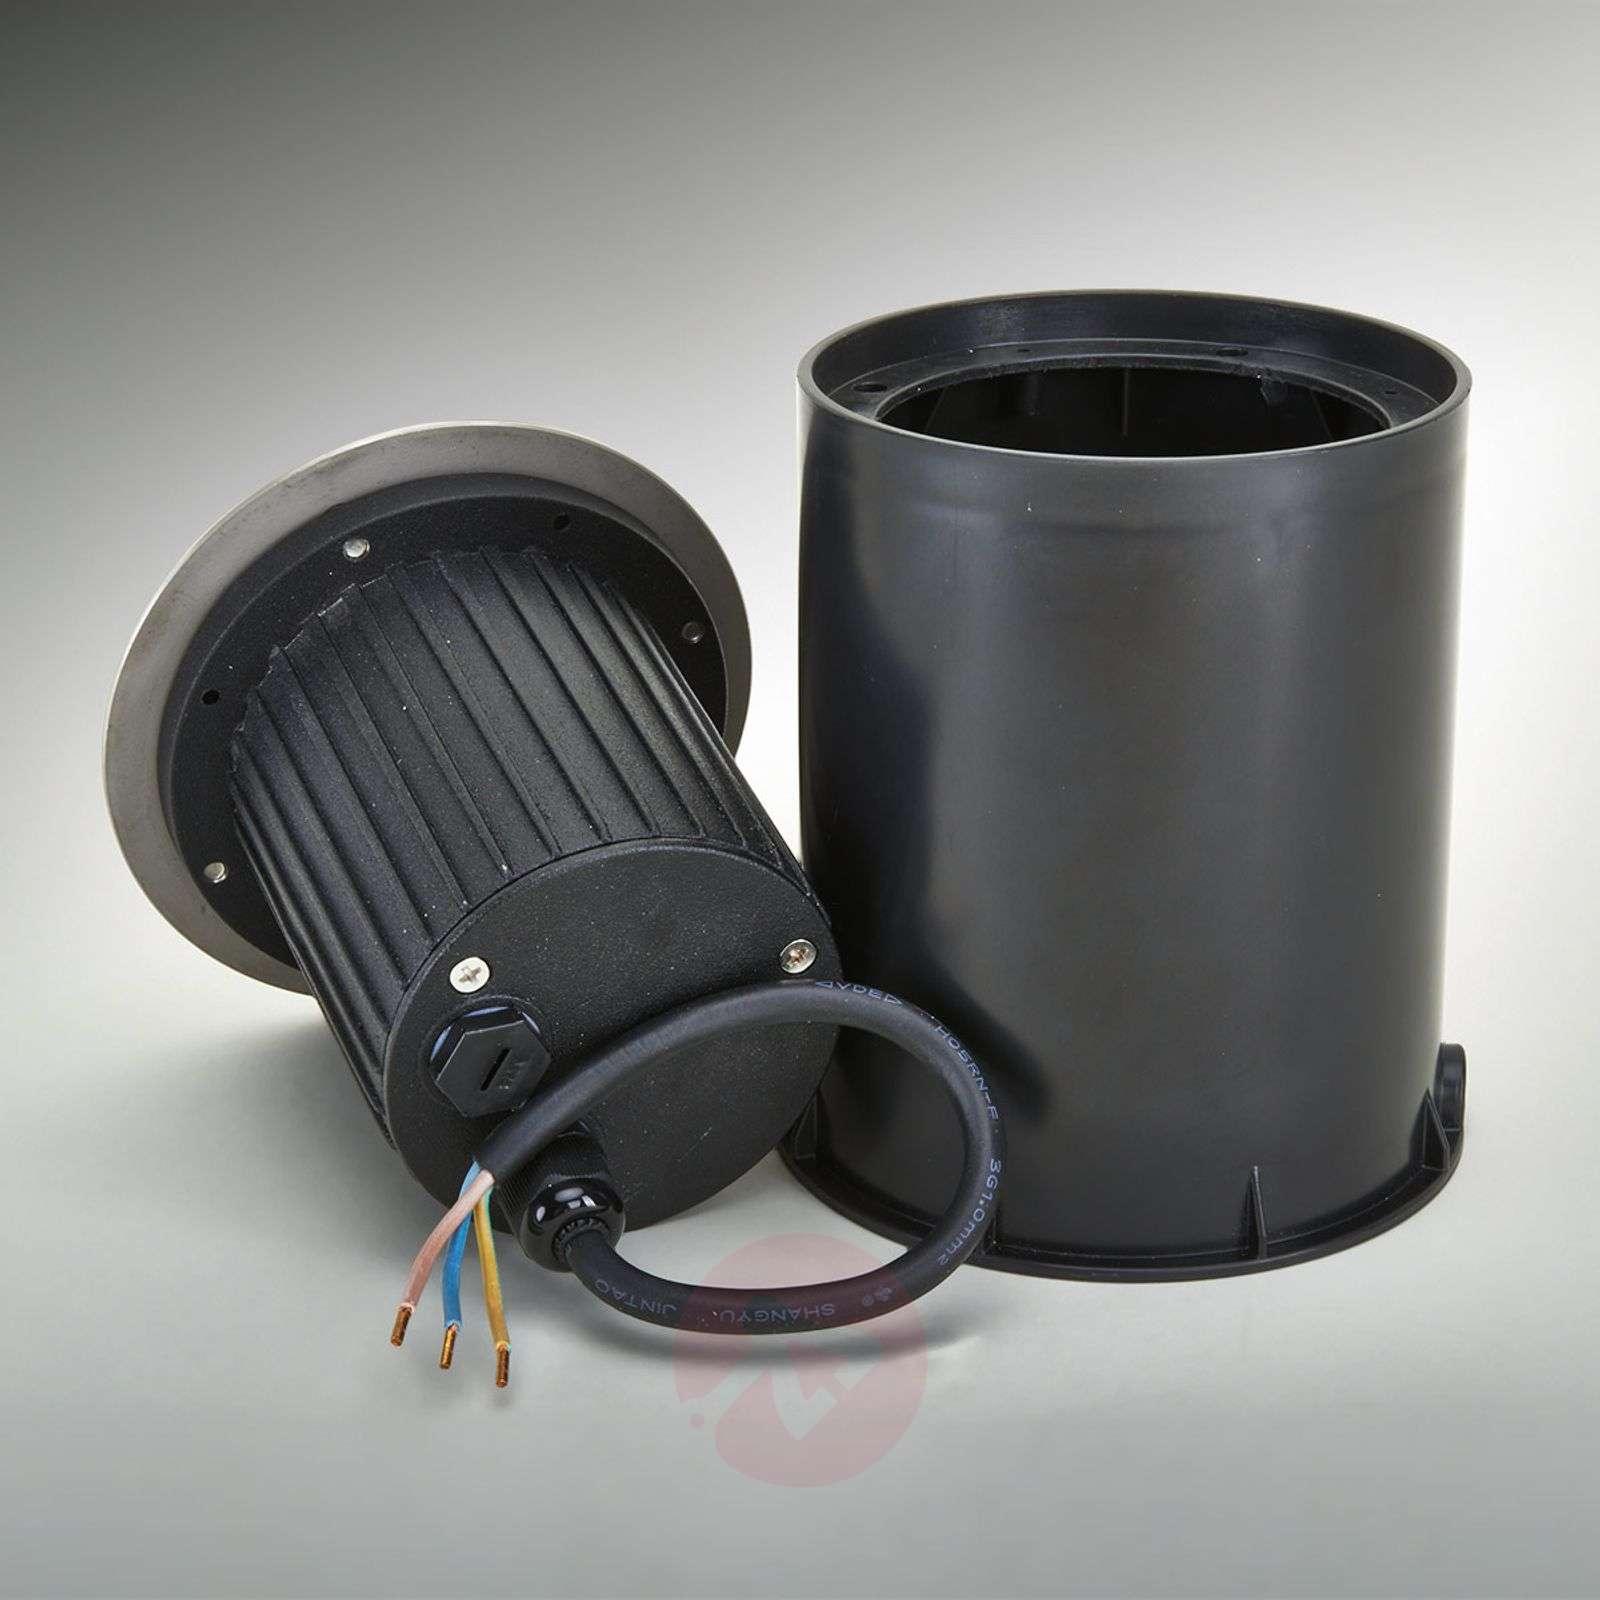 LED-maavalaisin käännettävä, IP67, ruostum. teräs-9616033-09